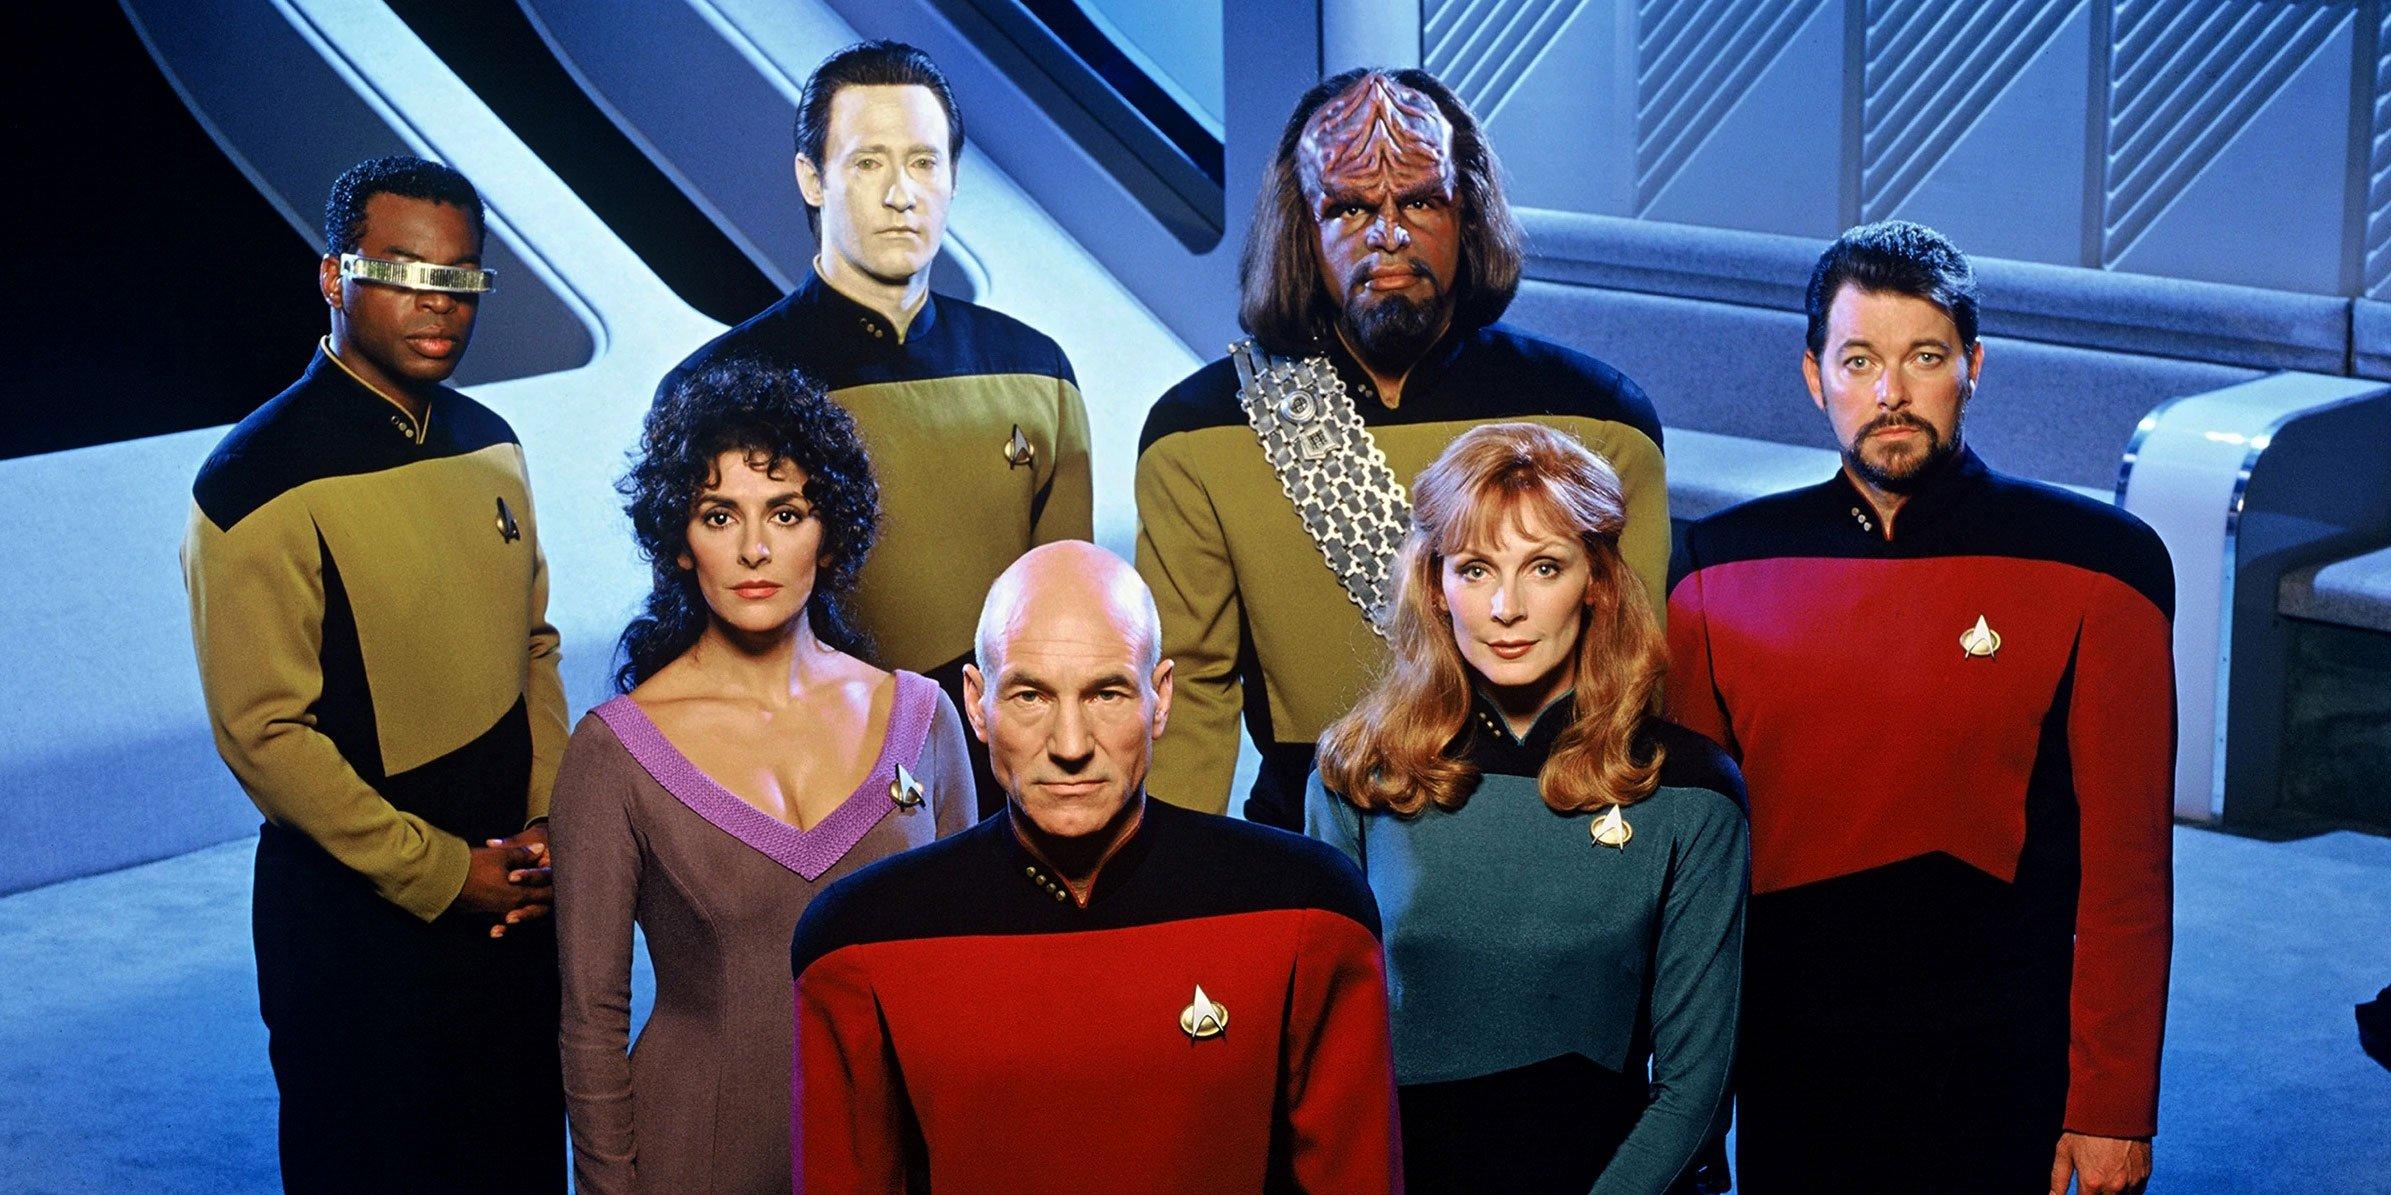 The 10 Best Star Trek The Next Generation Episodes, Ranked